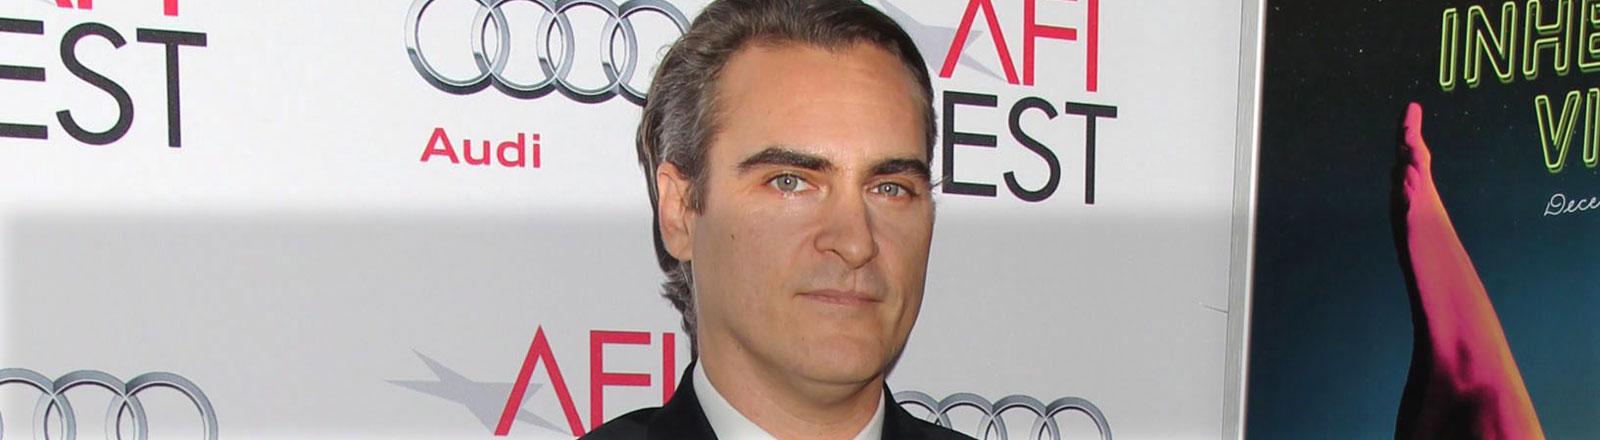 Joaquin Phoenix bei der Premiere von Inherent Vice.